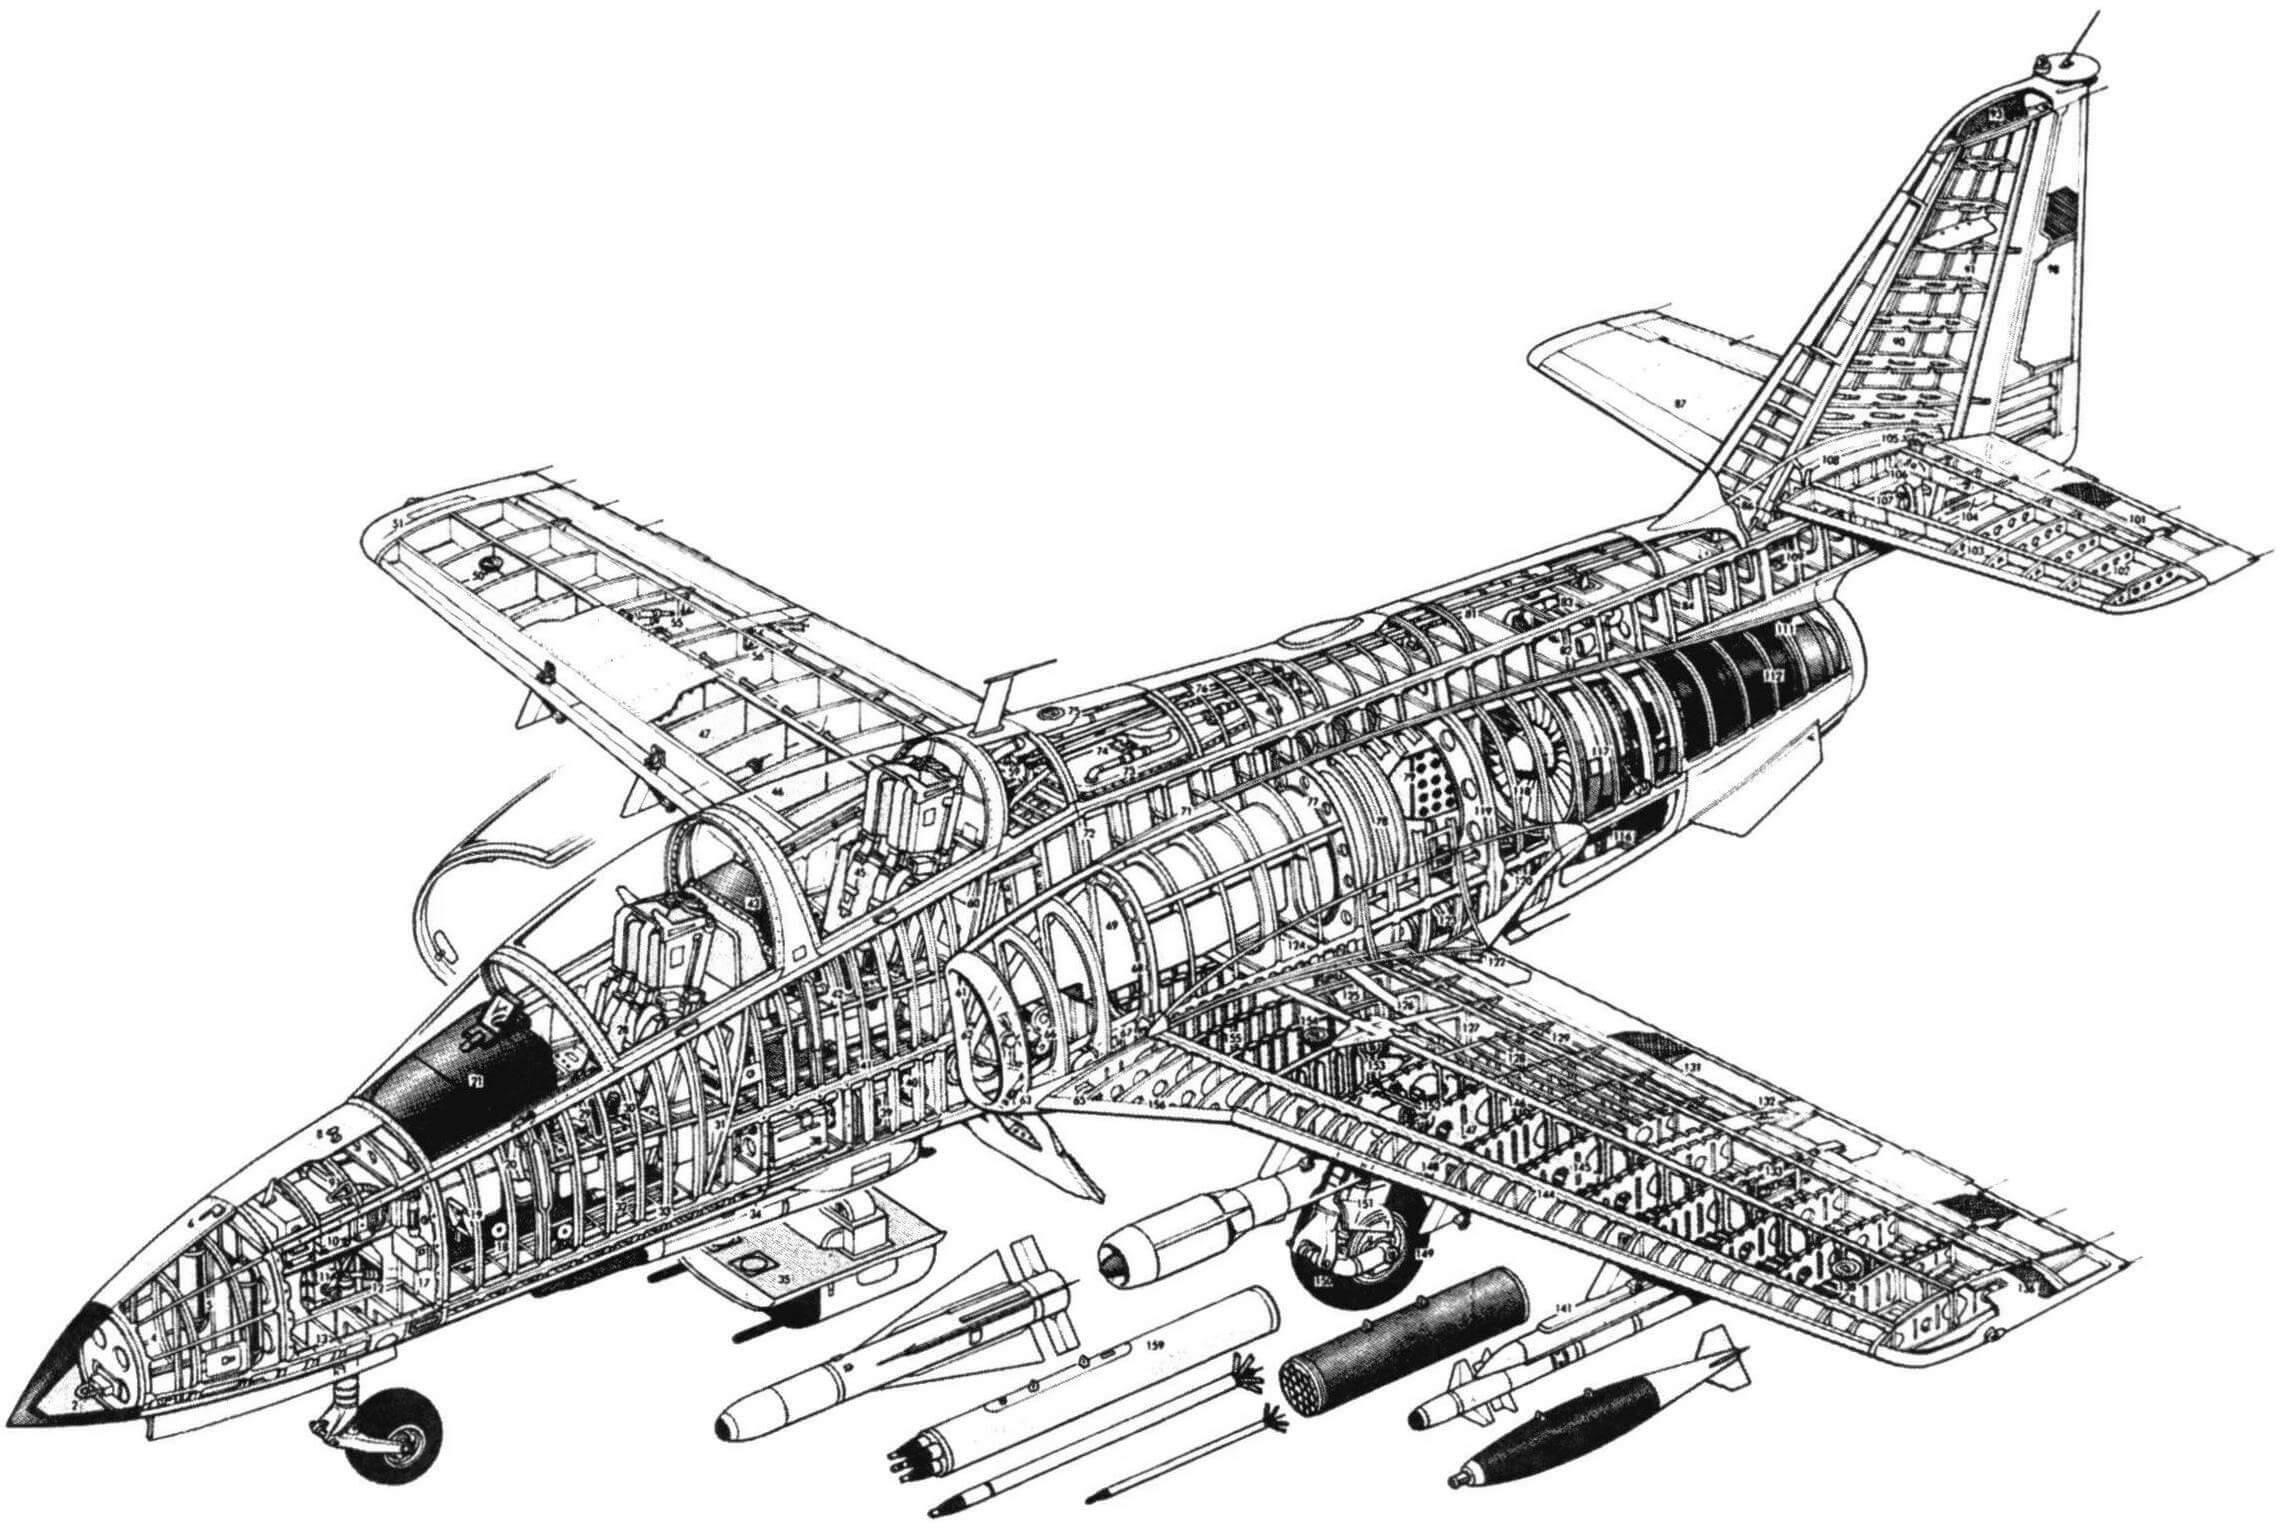 CASA С.101 Aviojet. Компоновочная схема